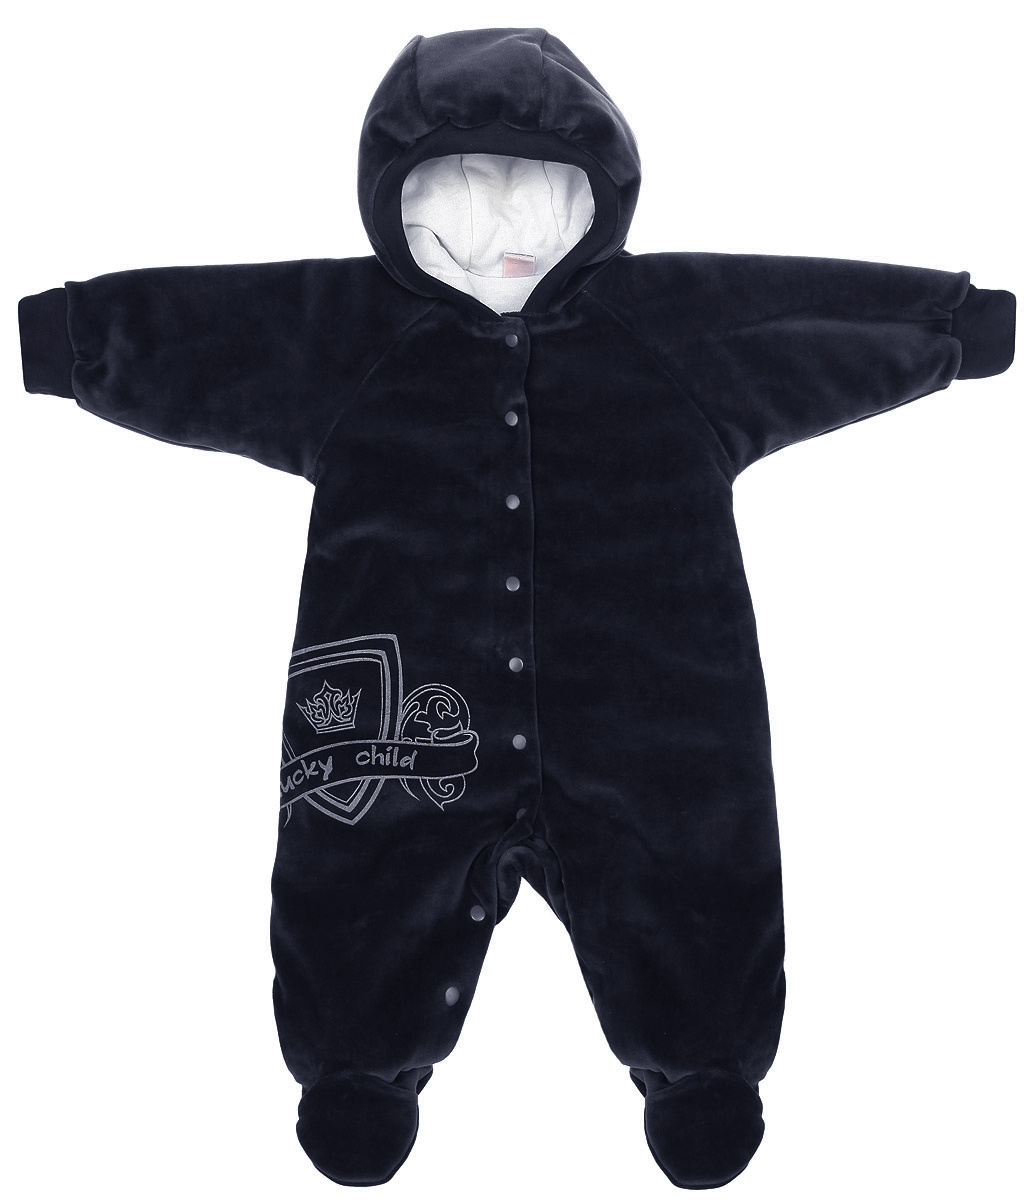 Комбинезон детский Lucky Child, цвет: темно-синий, белый. 5-1. Размер 62/685-1Детский комбинезон Lucky Child - очень удобный и практичный вид одежды для малышей. Комбинезон выполнен из велюра на подкладке из натурального хлопка, благодаря чему он необычайно мягкий и приятный на ощупь, не раздражают нежную кожу ребенка и хорошо вентилируются, а эластичные швы приятны телу младенца и не препятствуют его движениям. В качестве утеплителя используется синтепон. Комбинезон с капюшоном, длинными рукавами-реглан и закрытыми ножками по центру застегивается на металлические застежки-кнопки, также имеются застежки-кнопки на ластовице, что помогает с легкостью переодеть младенца или сменить подгузник. Капюшон по краю дополнен широкой трикотажной резинкой. Рукава понизу дополнены широкими эластичными манжетами, которые мягко обхватывают запястья. Спереди изделие оформлено оригинальным принтом в виде логотипа бренда. С детским комбинезоном Lucky Child спинка и ножки вашего малыша всегда будут в тепле. Комбинезон полностью соответствует особенностям жизни младенца в ранний период, не стесняя и не ограничивая его в движениях!